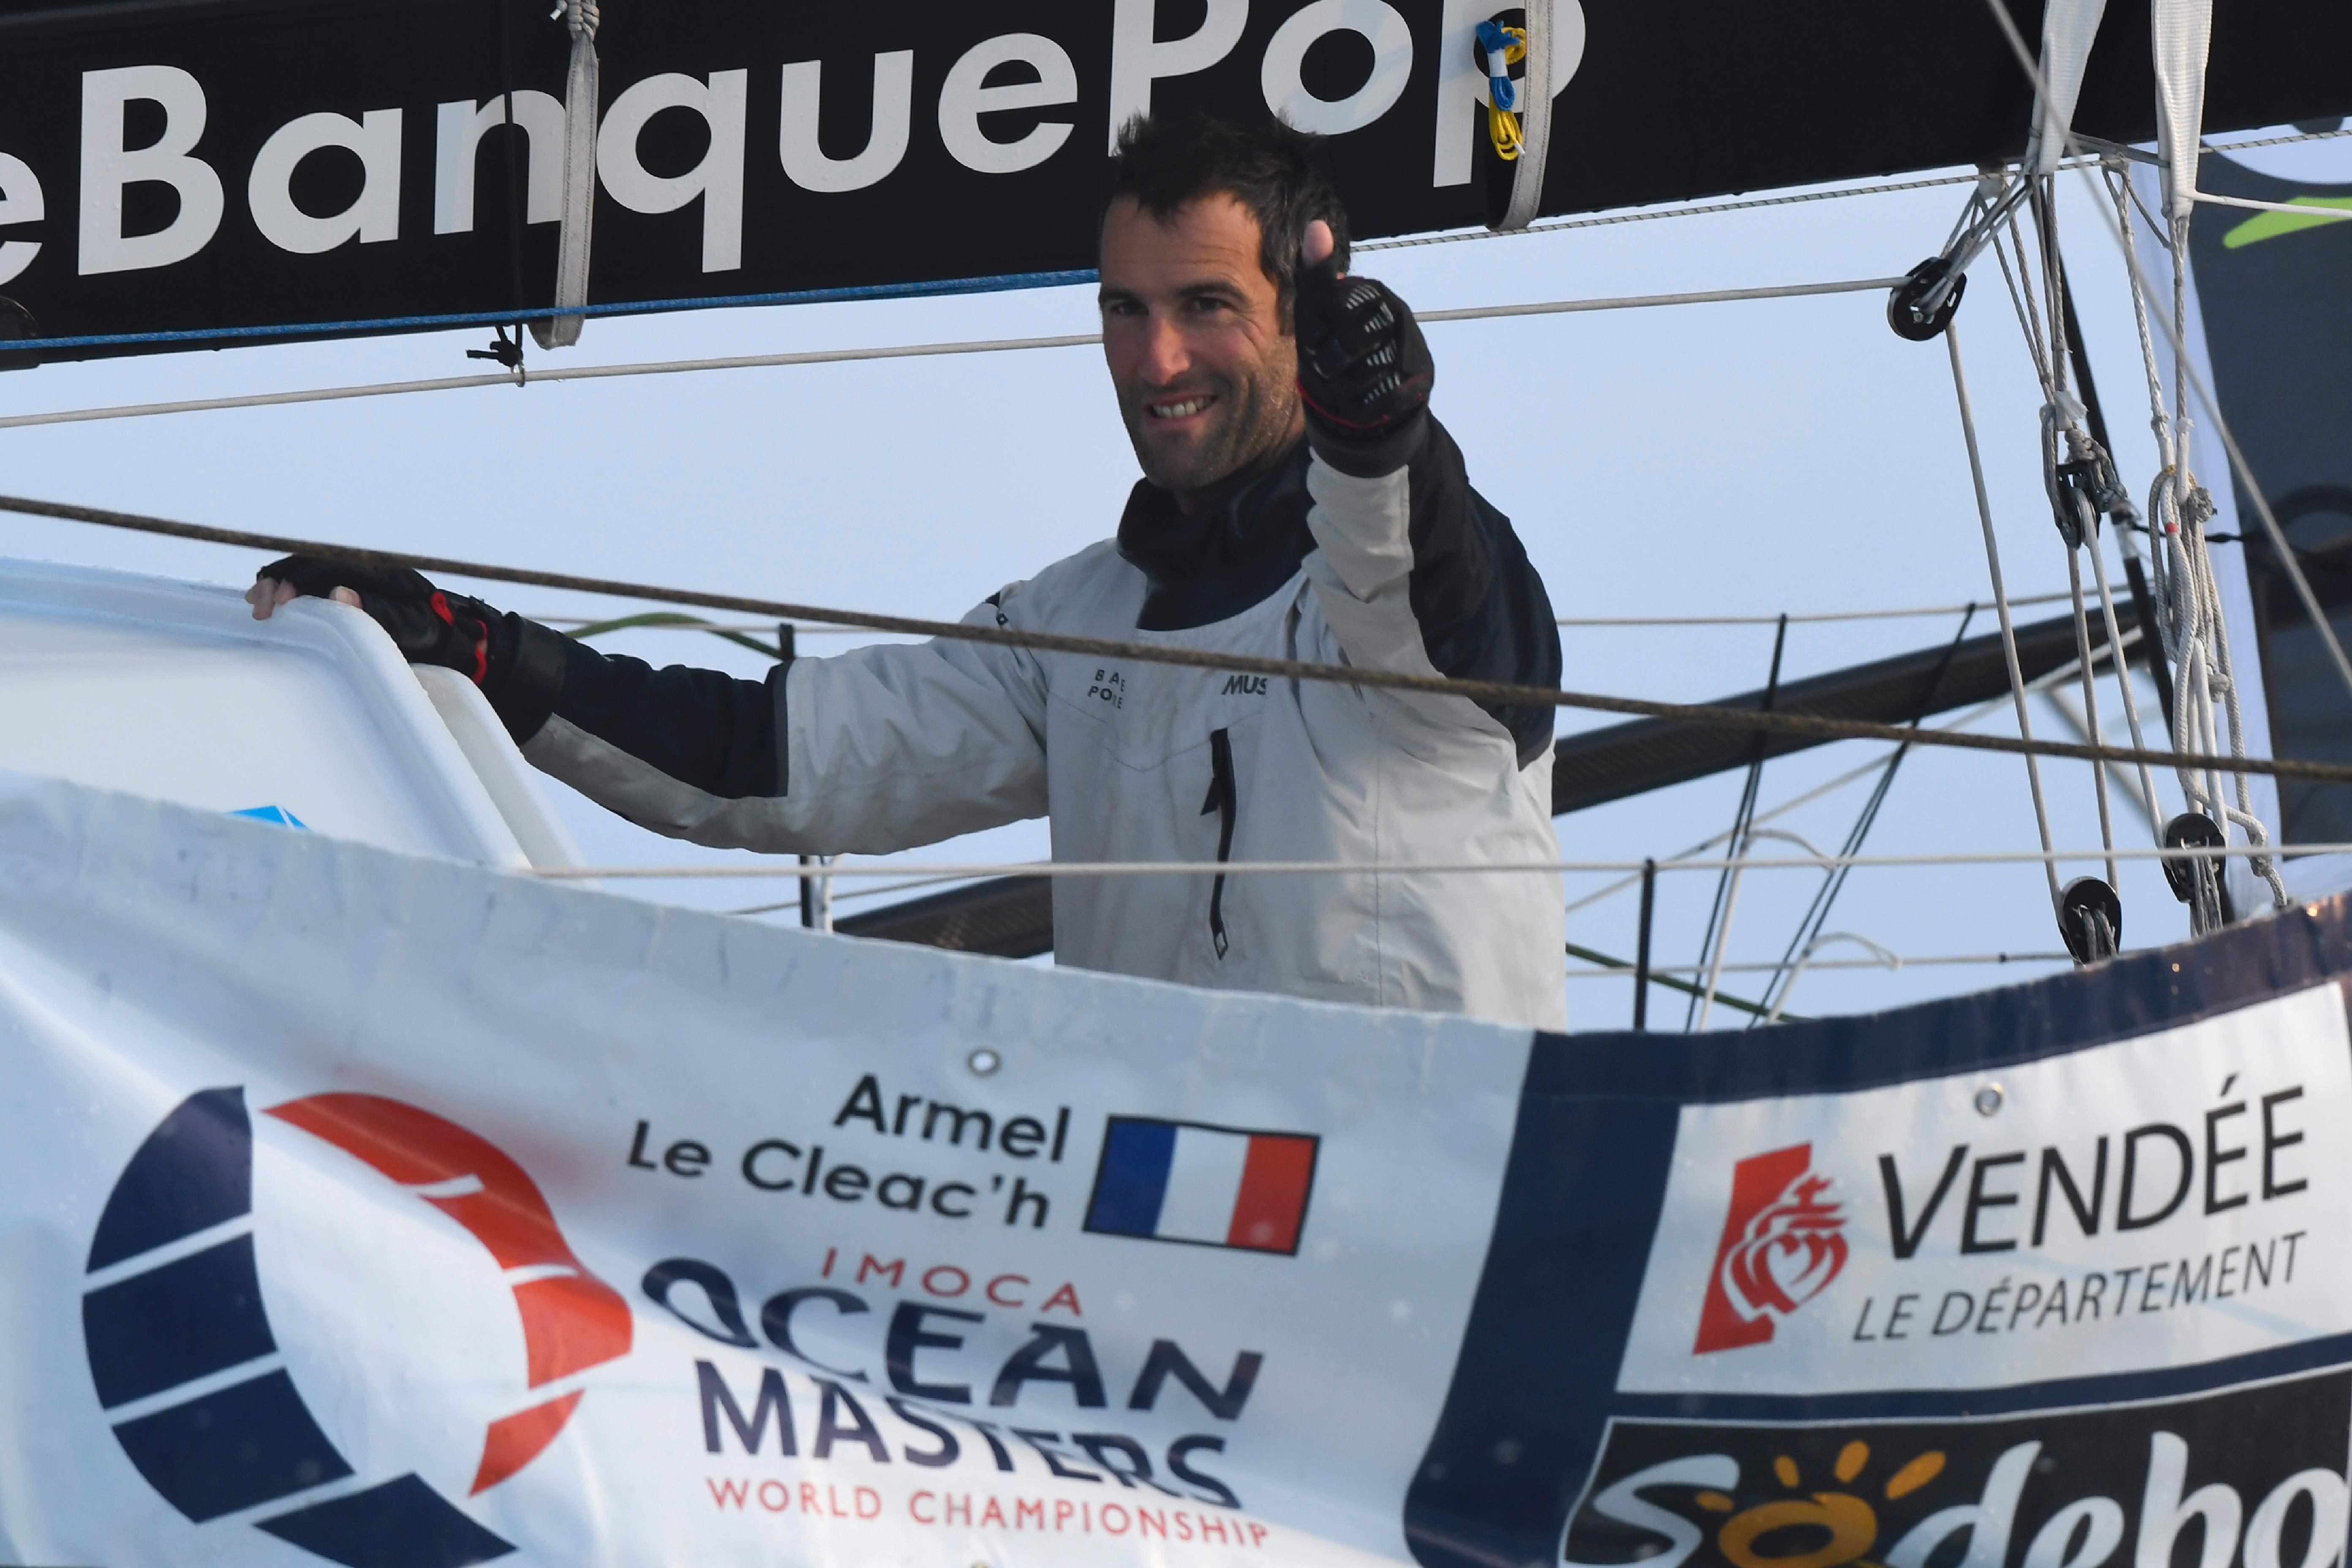 Voile - Vendée Globe - Le Cléac'h, magistral vainqueur d'un Vendée Globe record